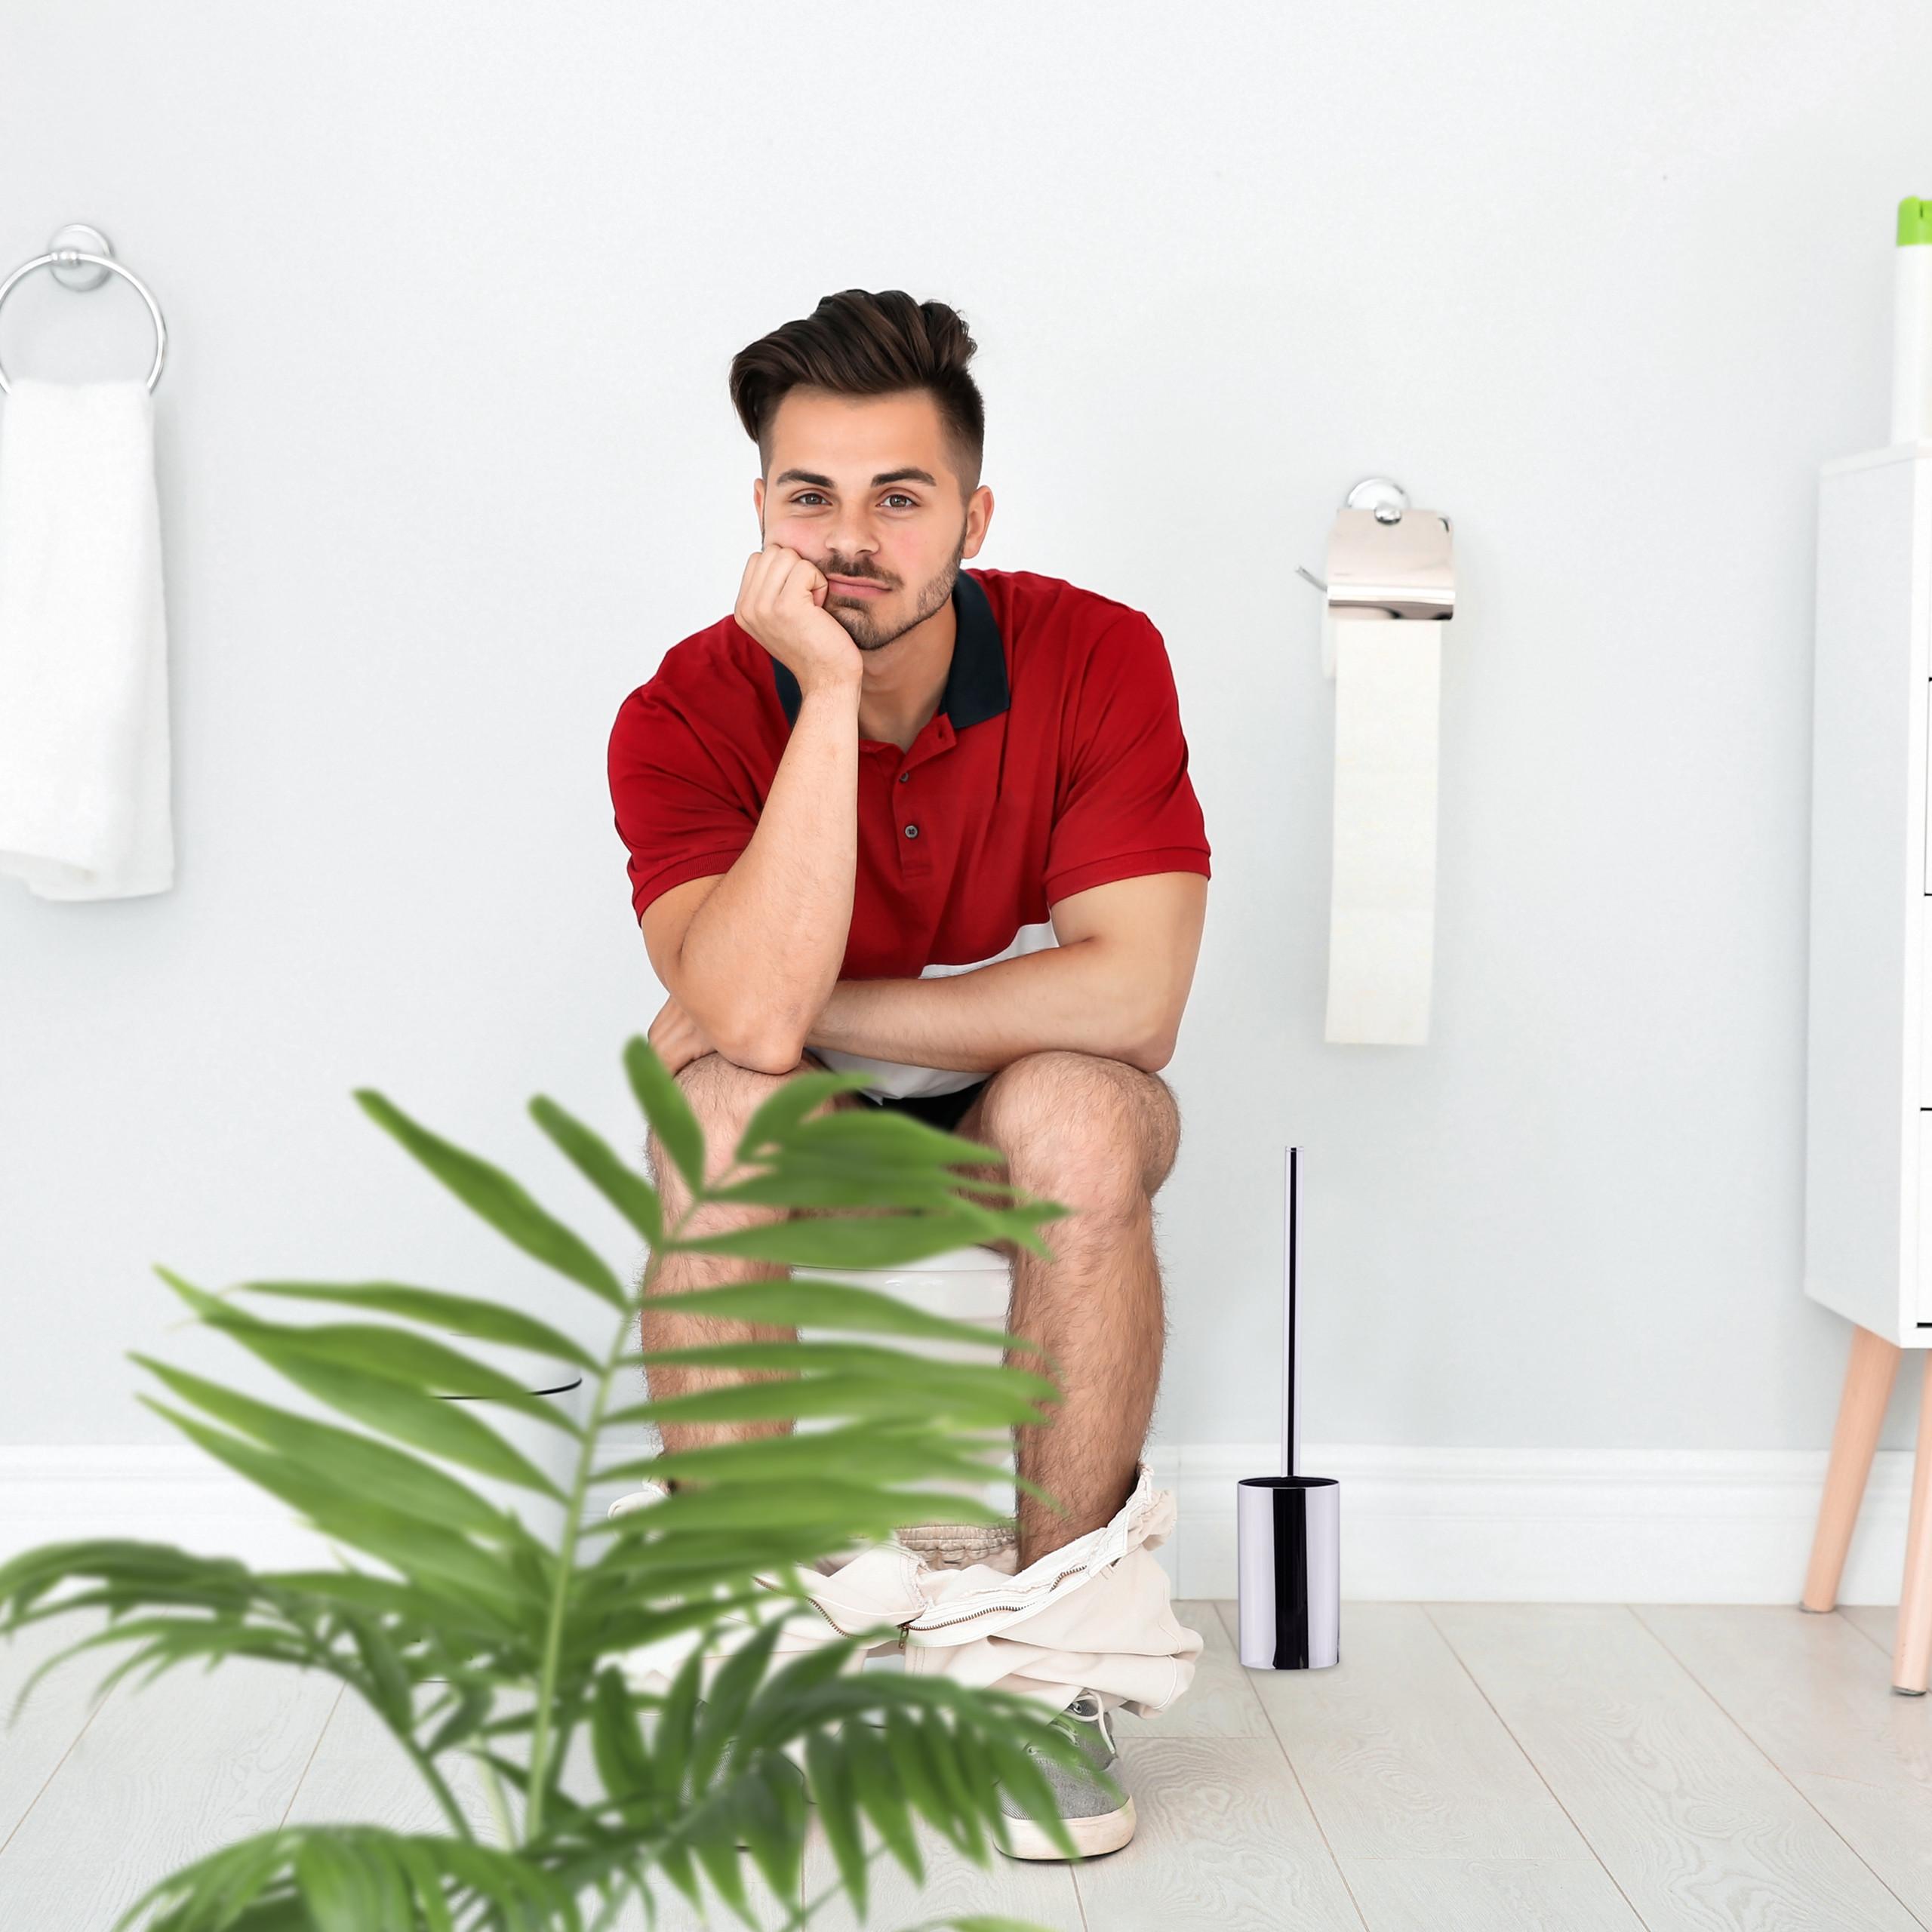 Escobilla de baño, Soporte pared, Escobillero wc ...